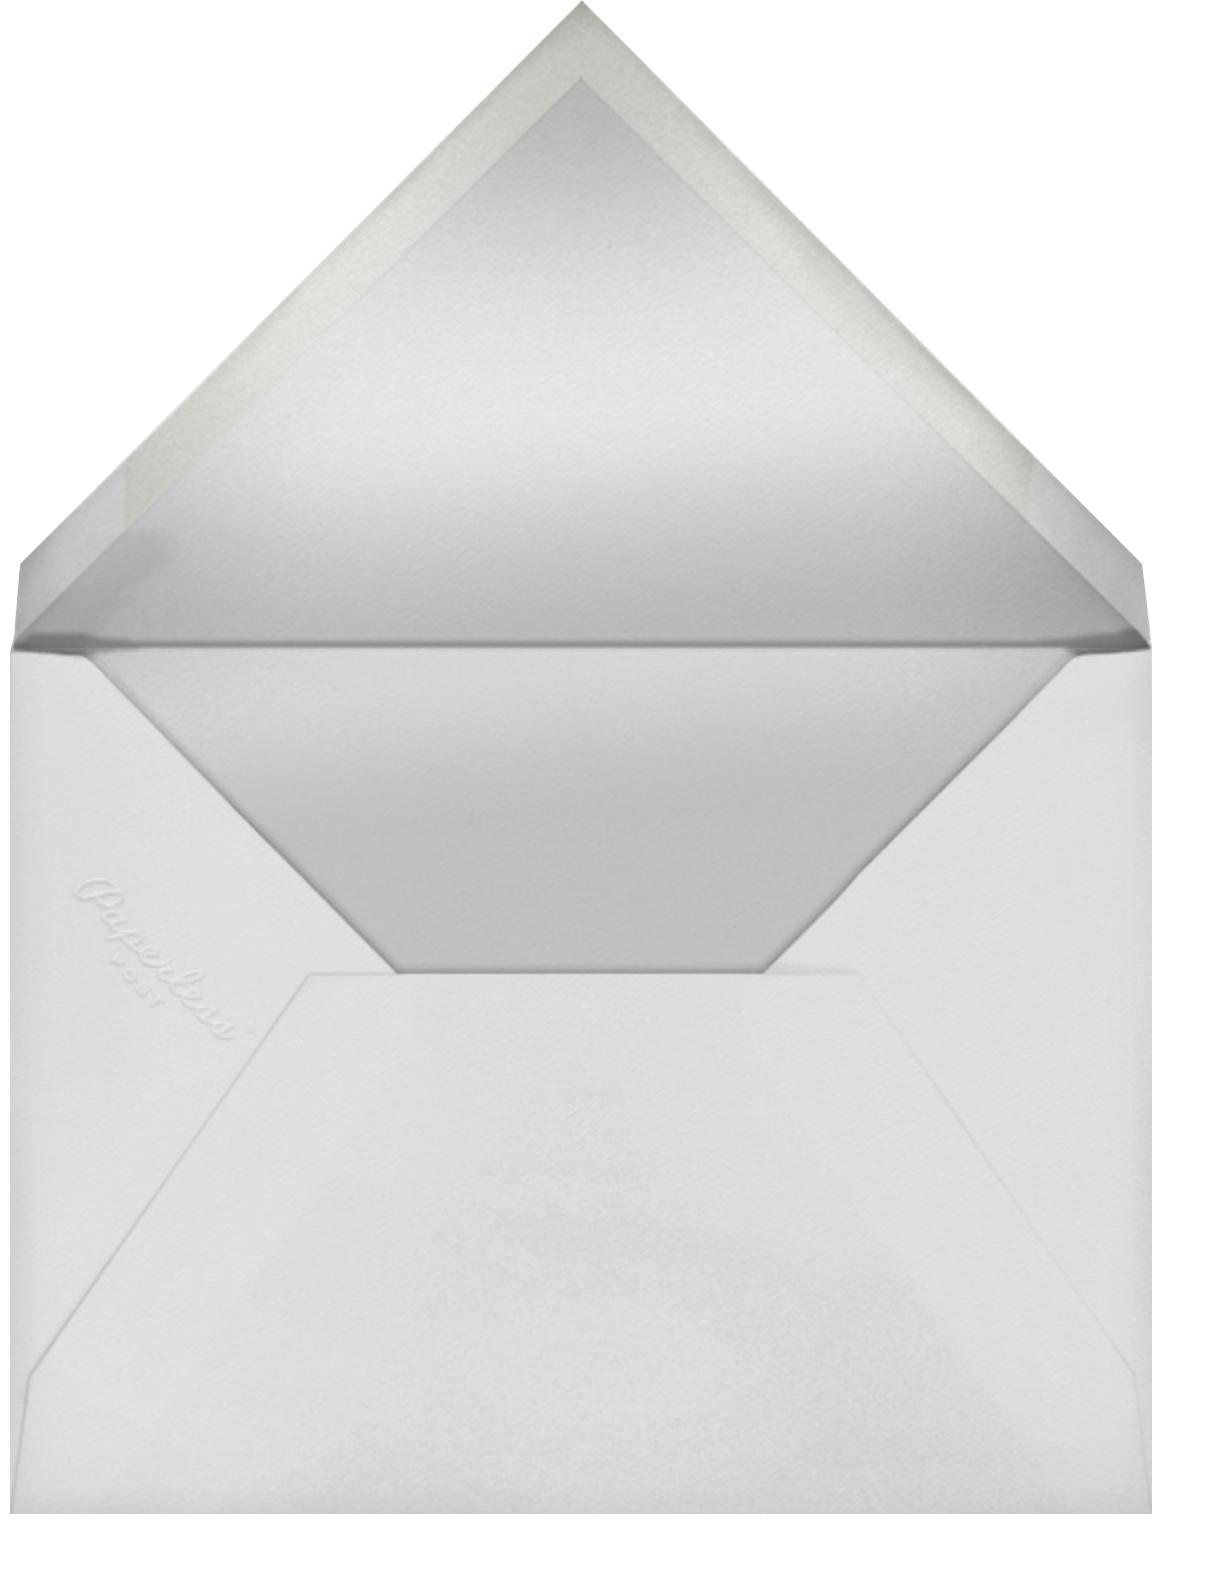 Veldener (Program) - Silver - Paperless Post - Envelope